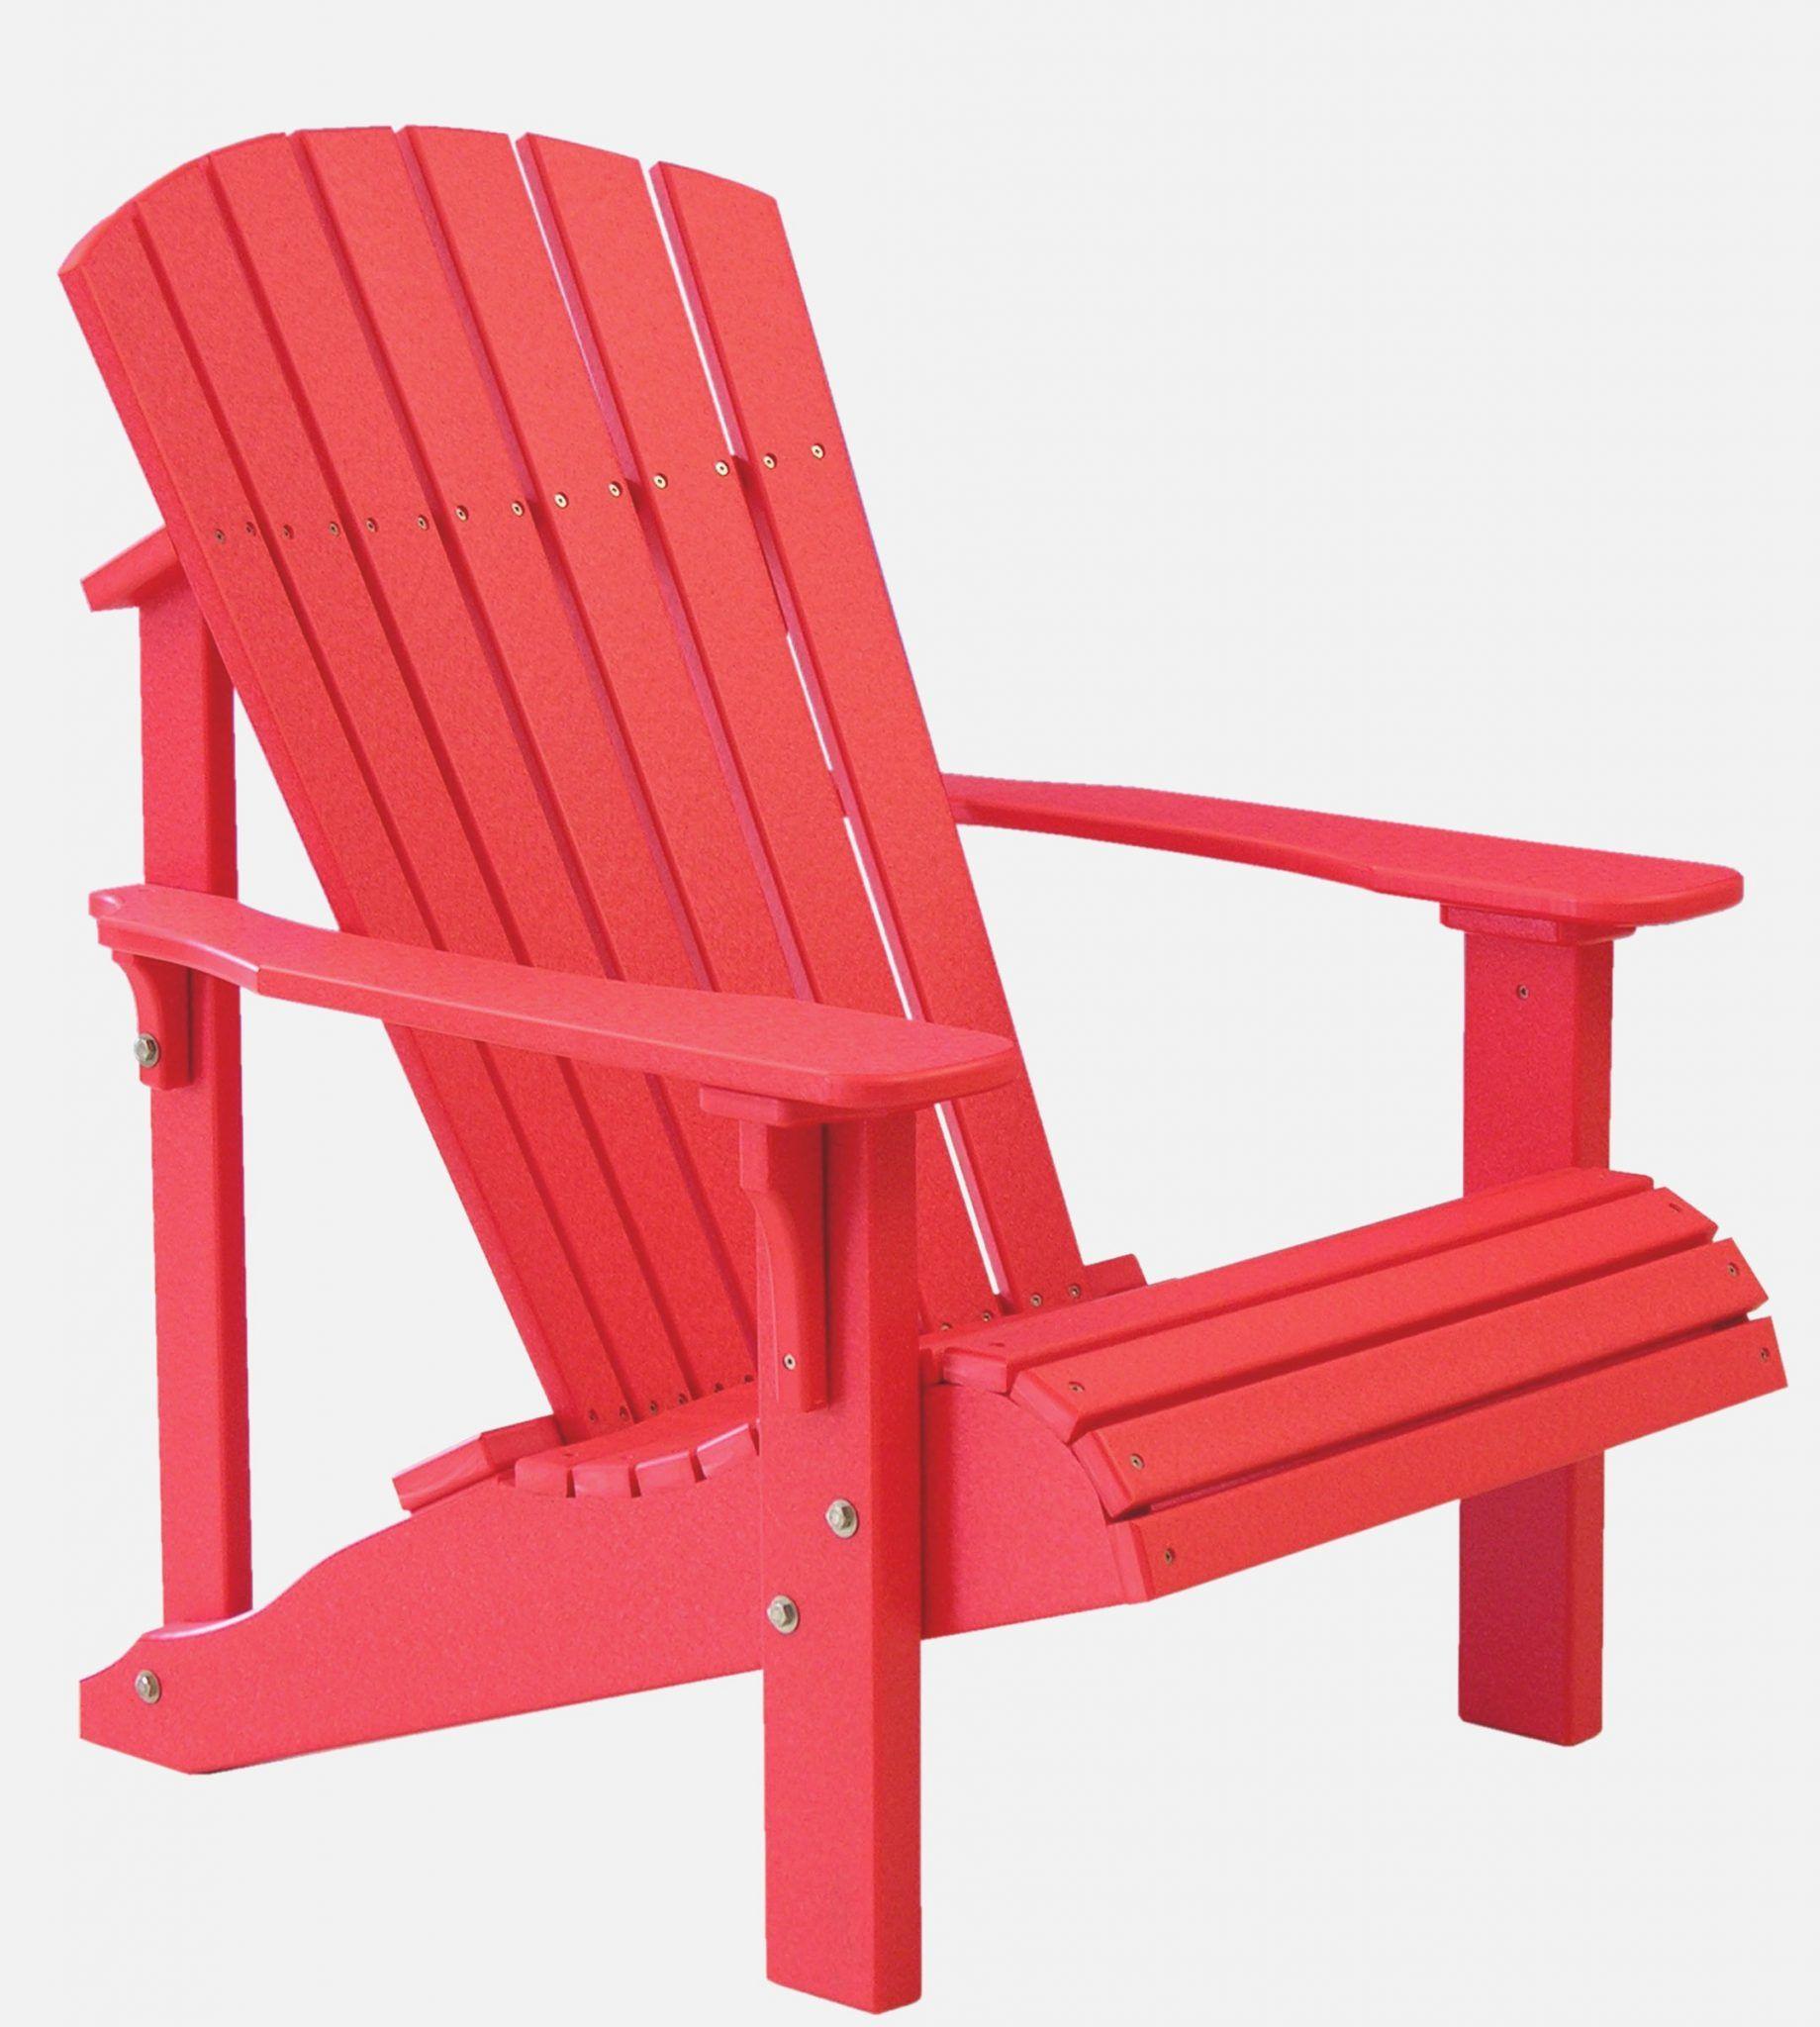 Unfinished Adirondack Chairs cheap unfinished adirondack